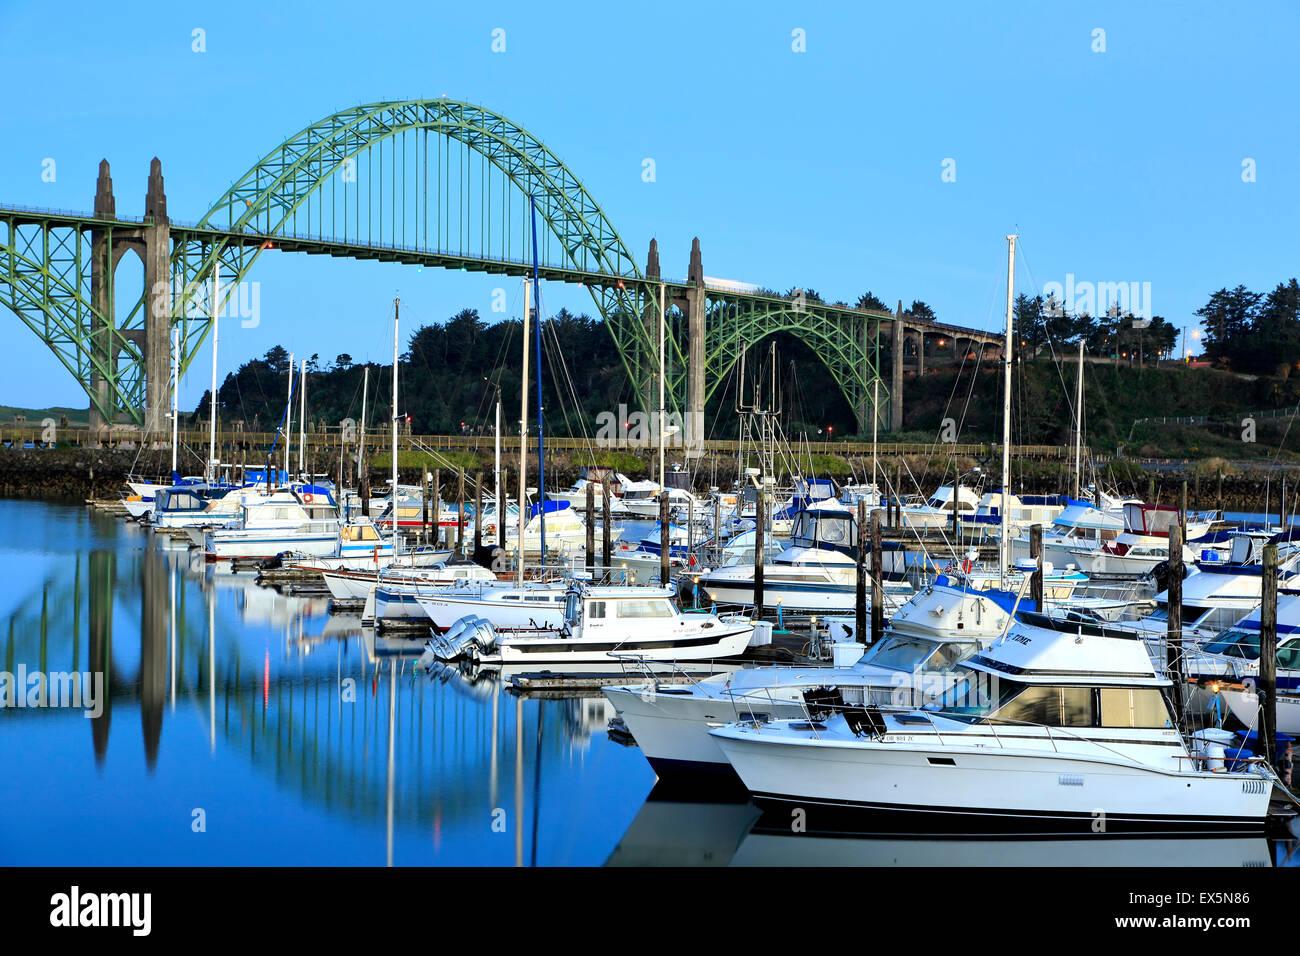 Bateaux amarrés dans le port de plaisance de Newport et yaquina bay bridge, Newport, Oregon USA Photo Stock